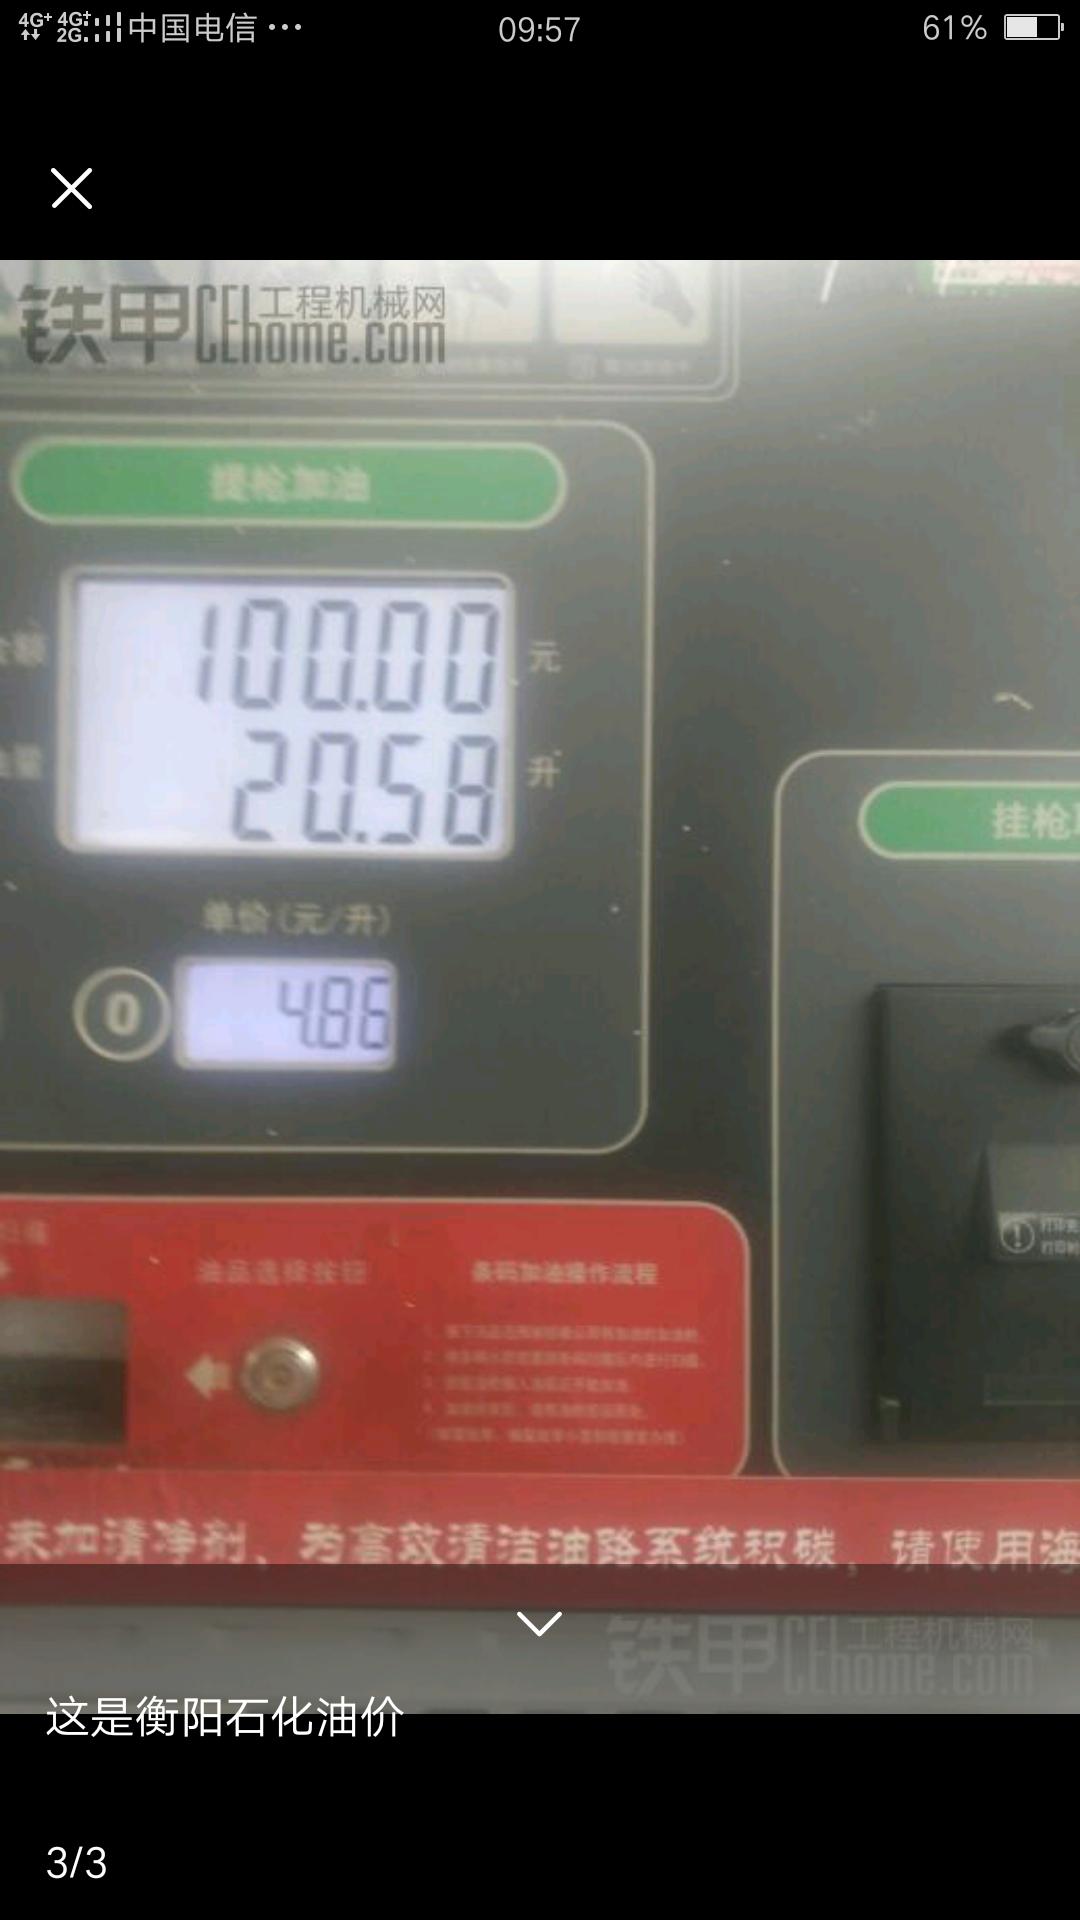 十年前的台班价,却不是二年前的油价